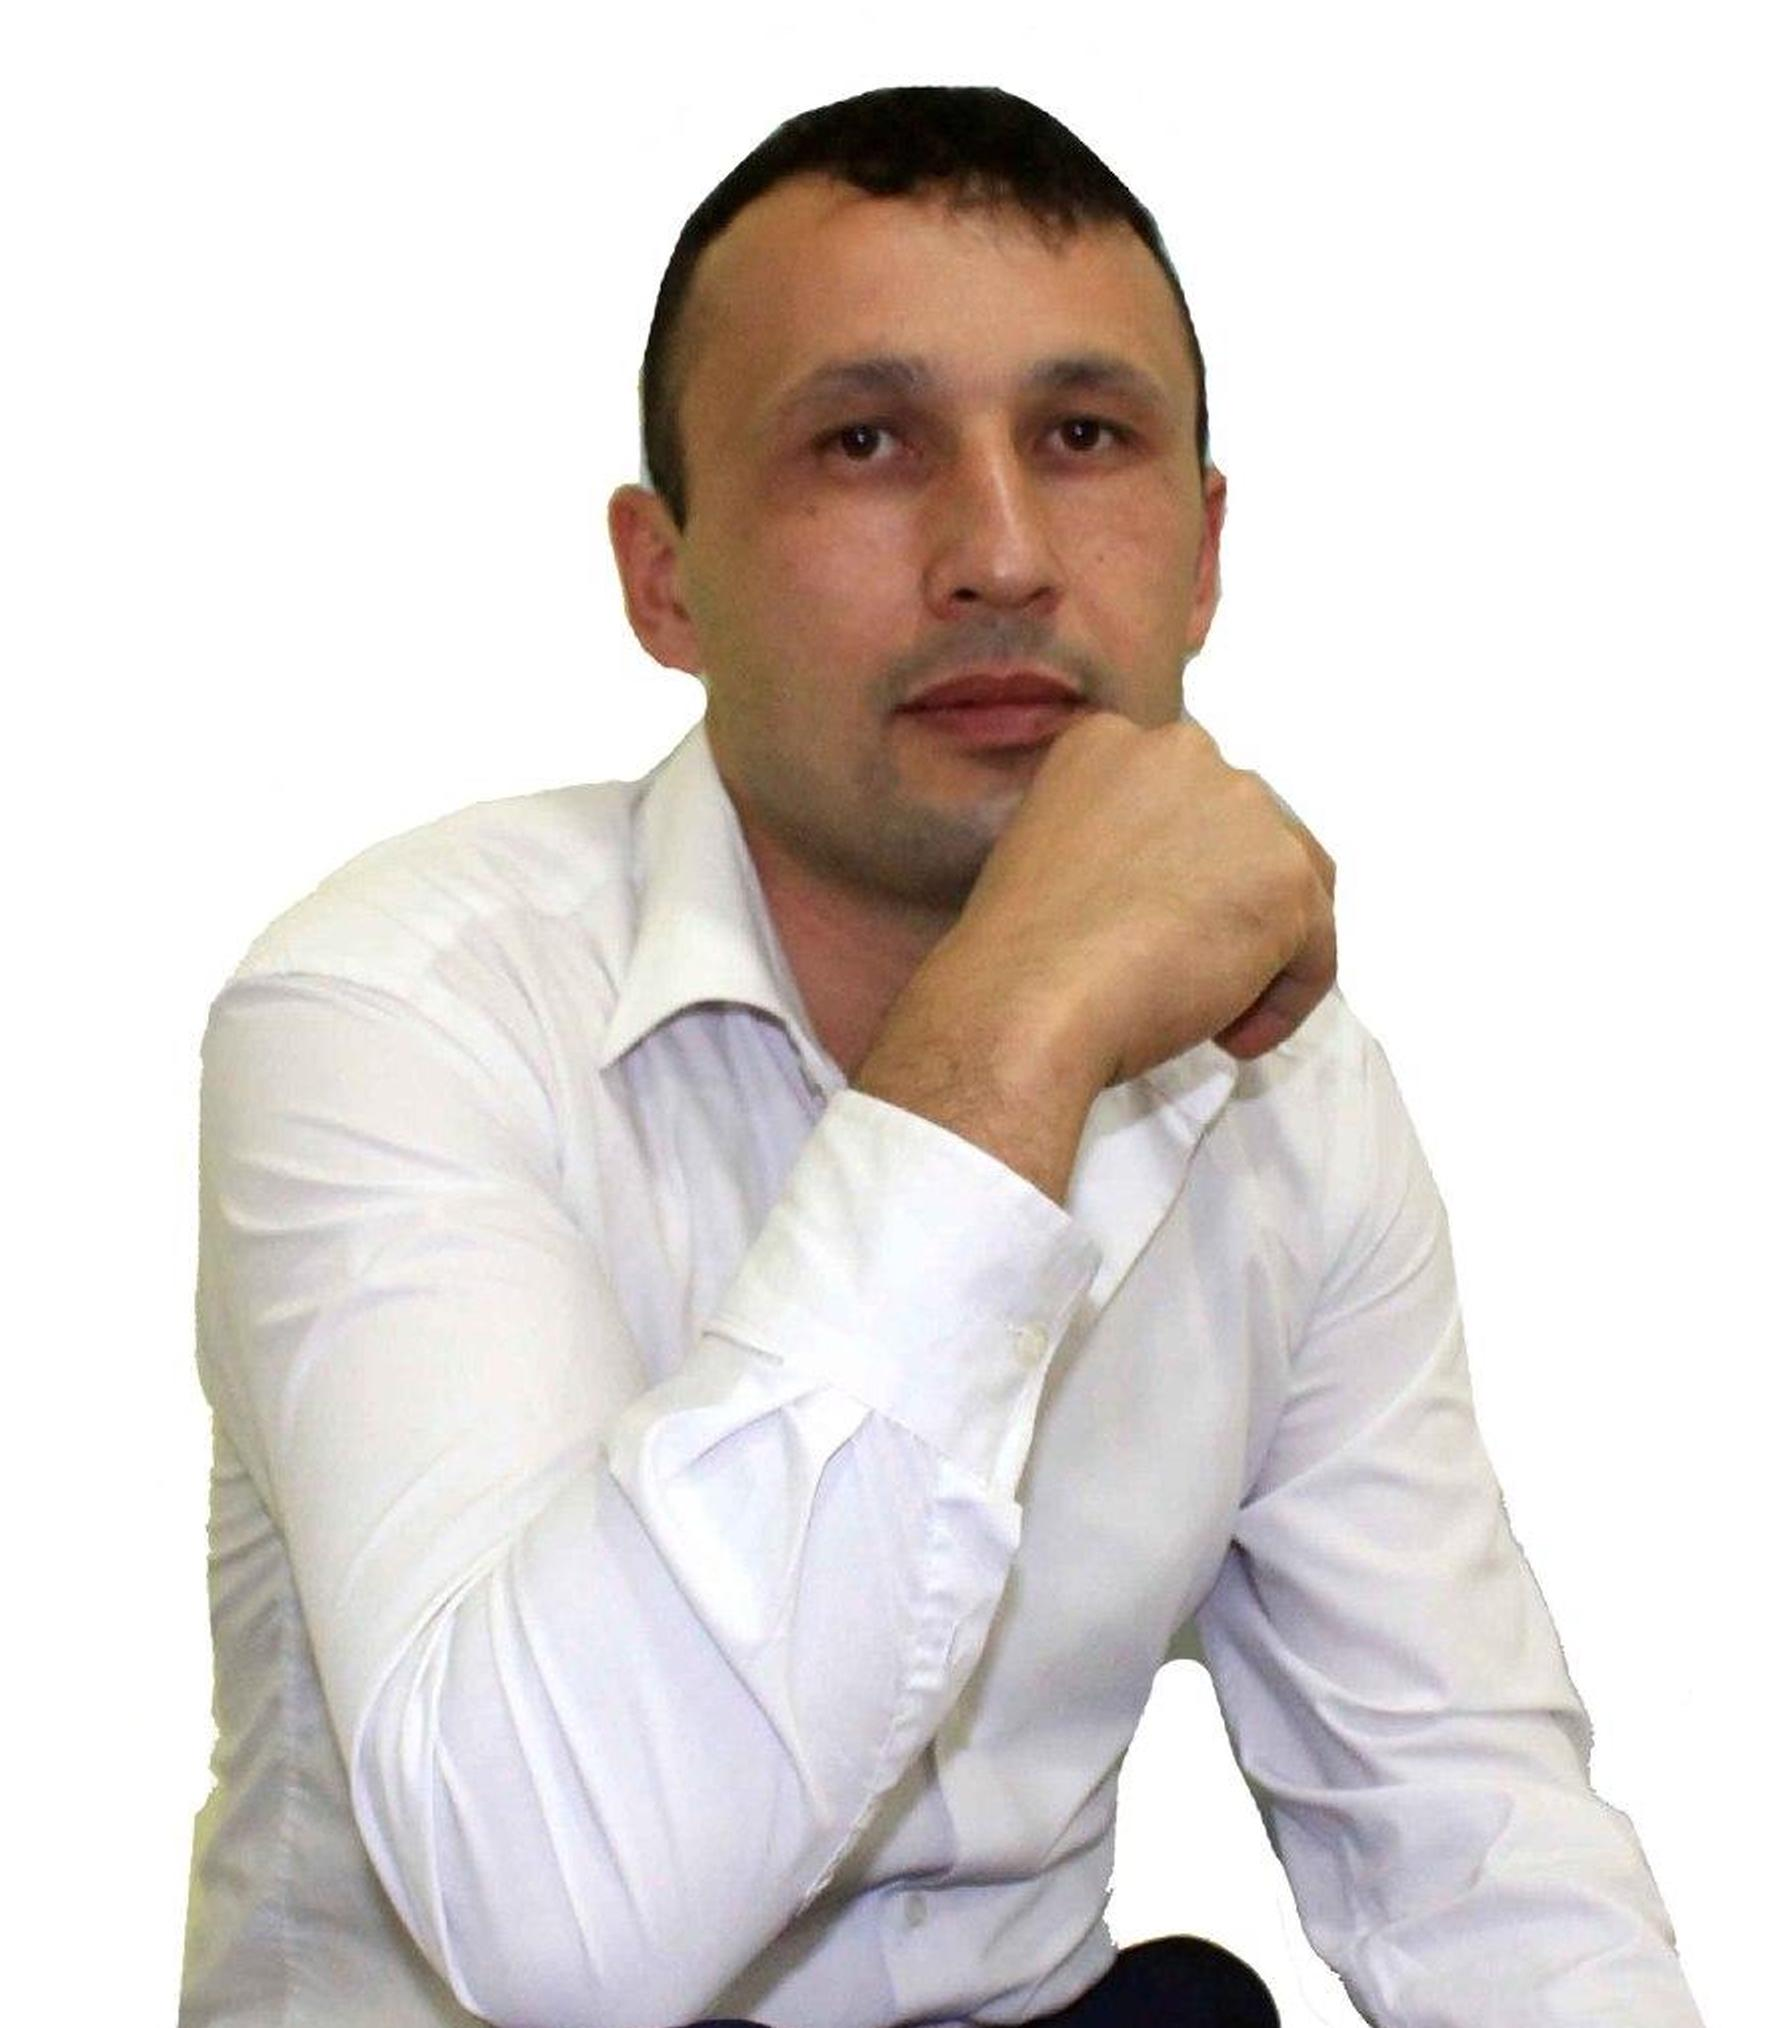 Ўзбектош Қиличбек